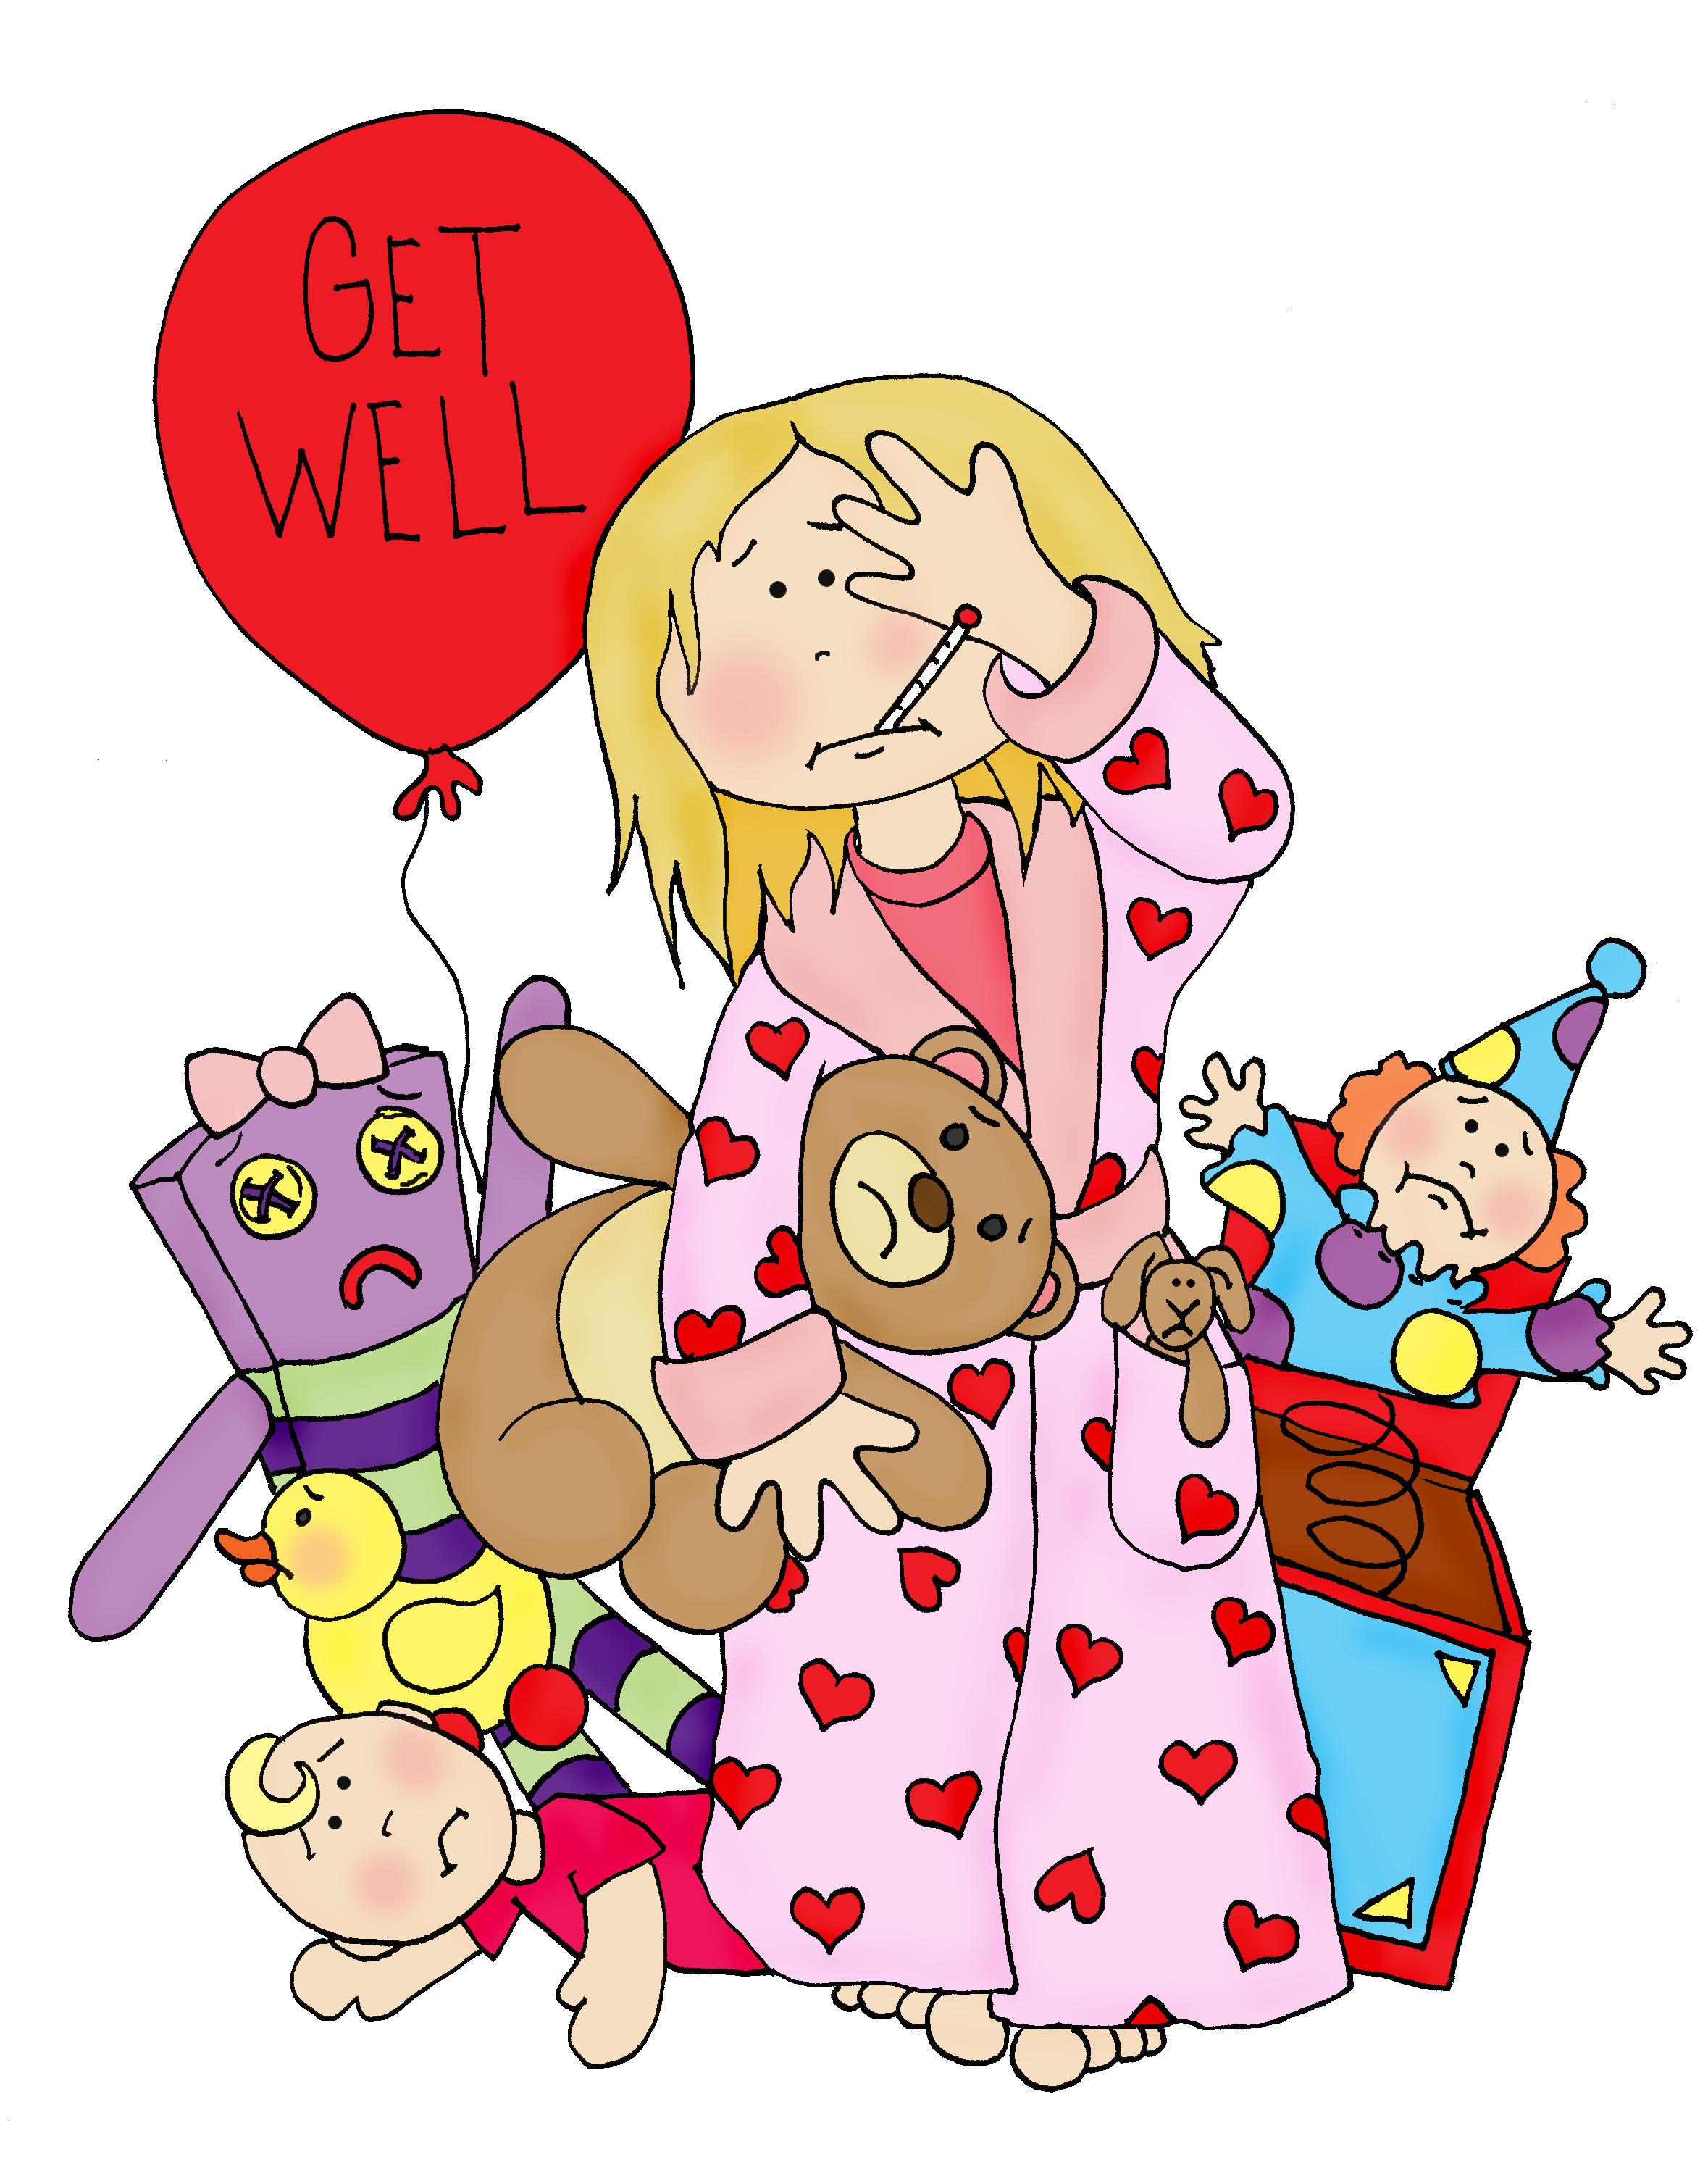 http://deariedollsdigis.blog.com/files/2013/04/Get-Well-color.png ...